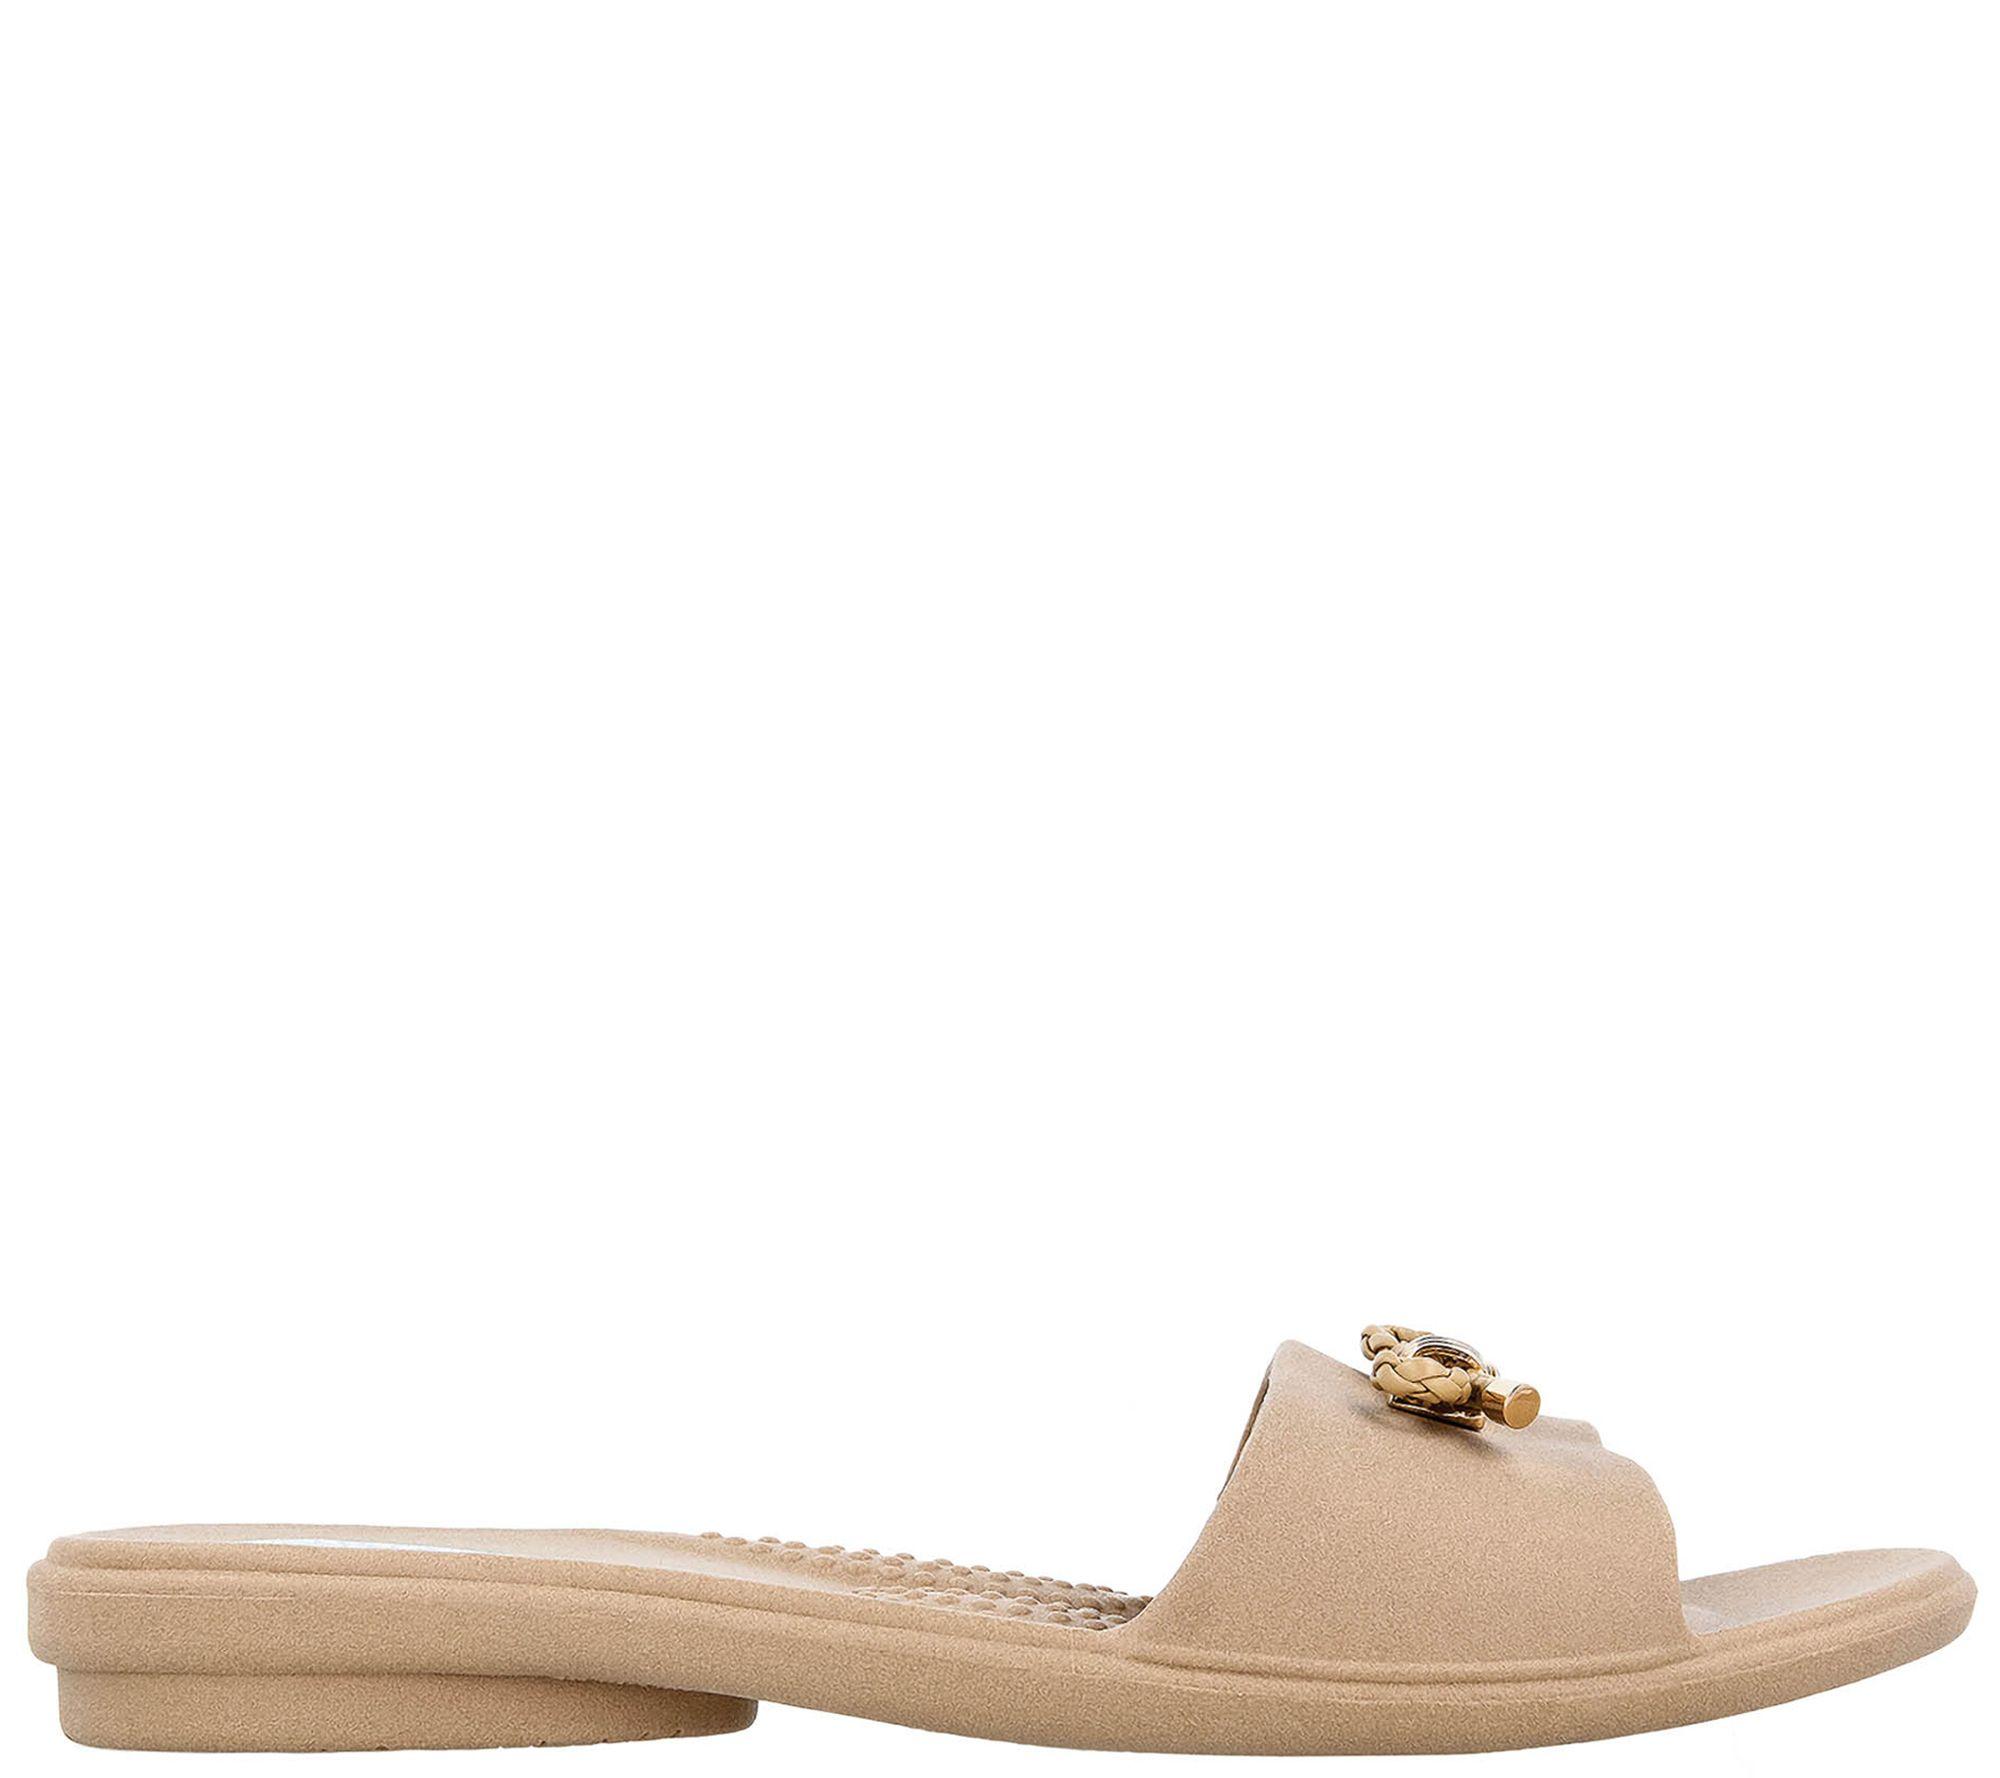 443c080345808 Oka B Rope Bow Slide Sandals - Pauline — QVC.com